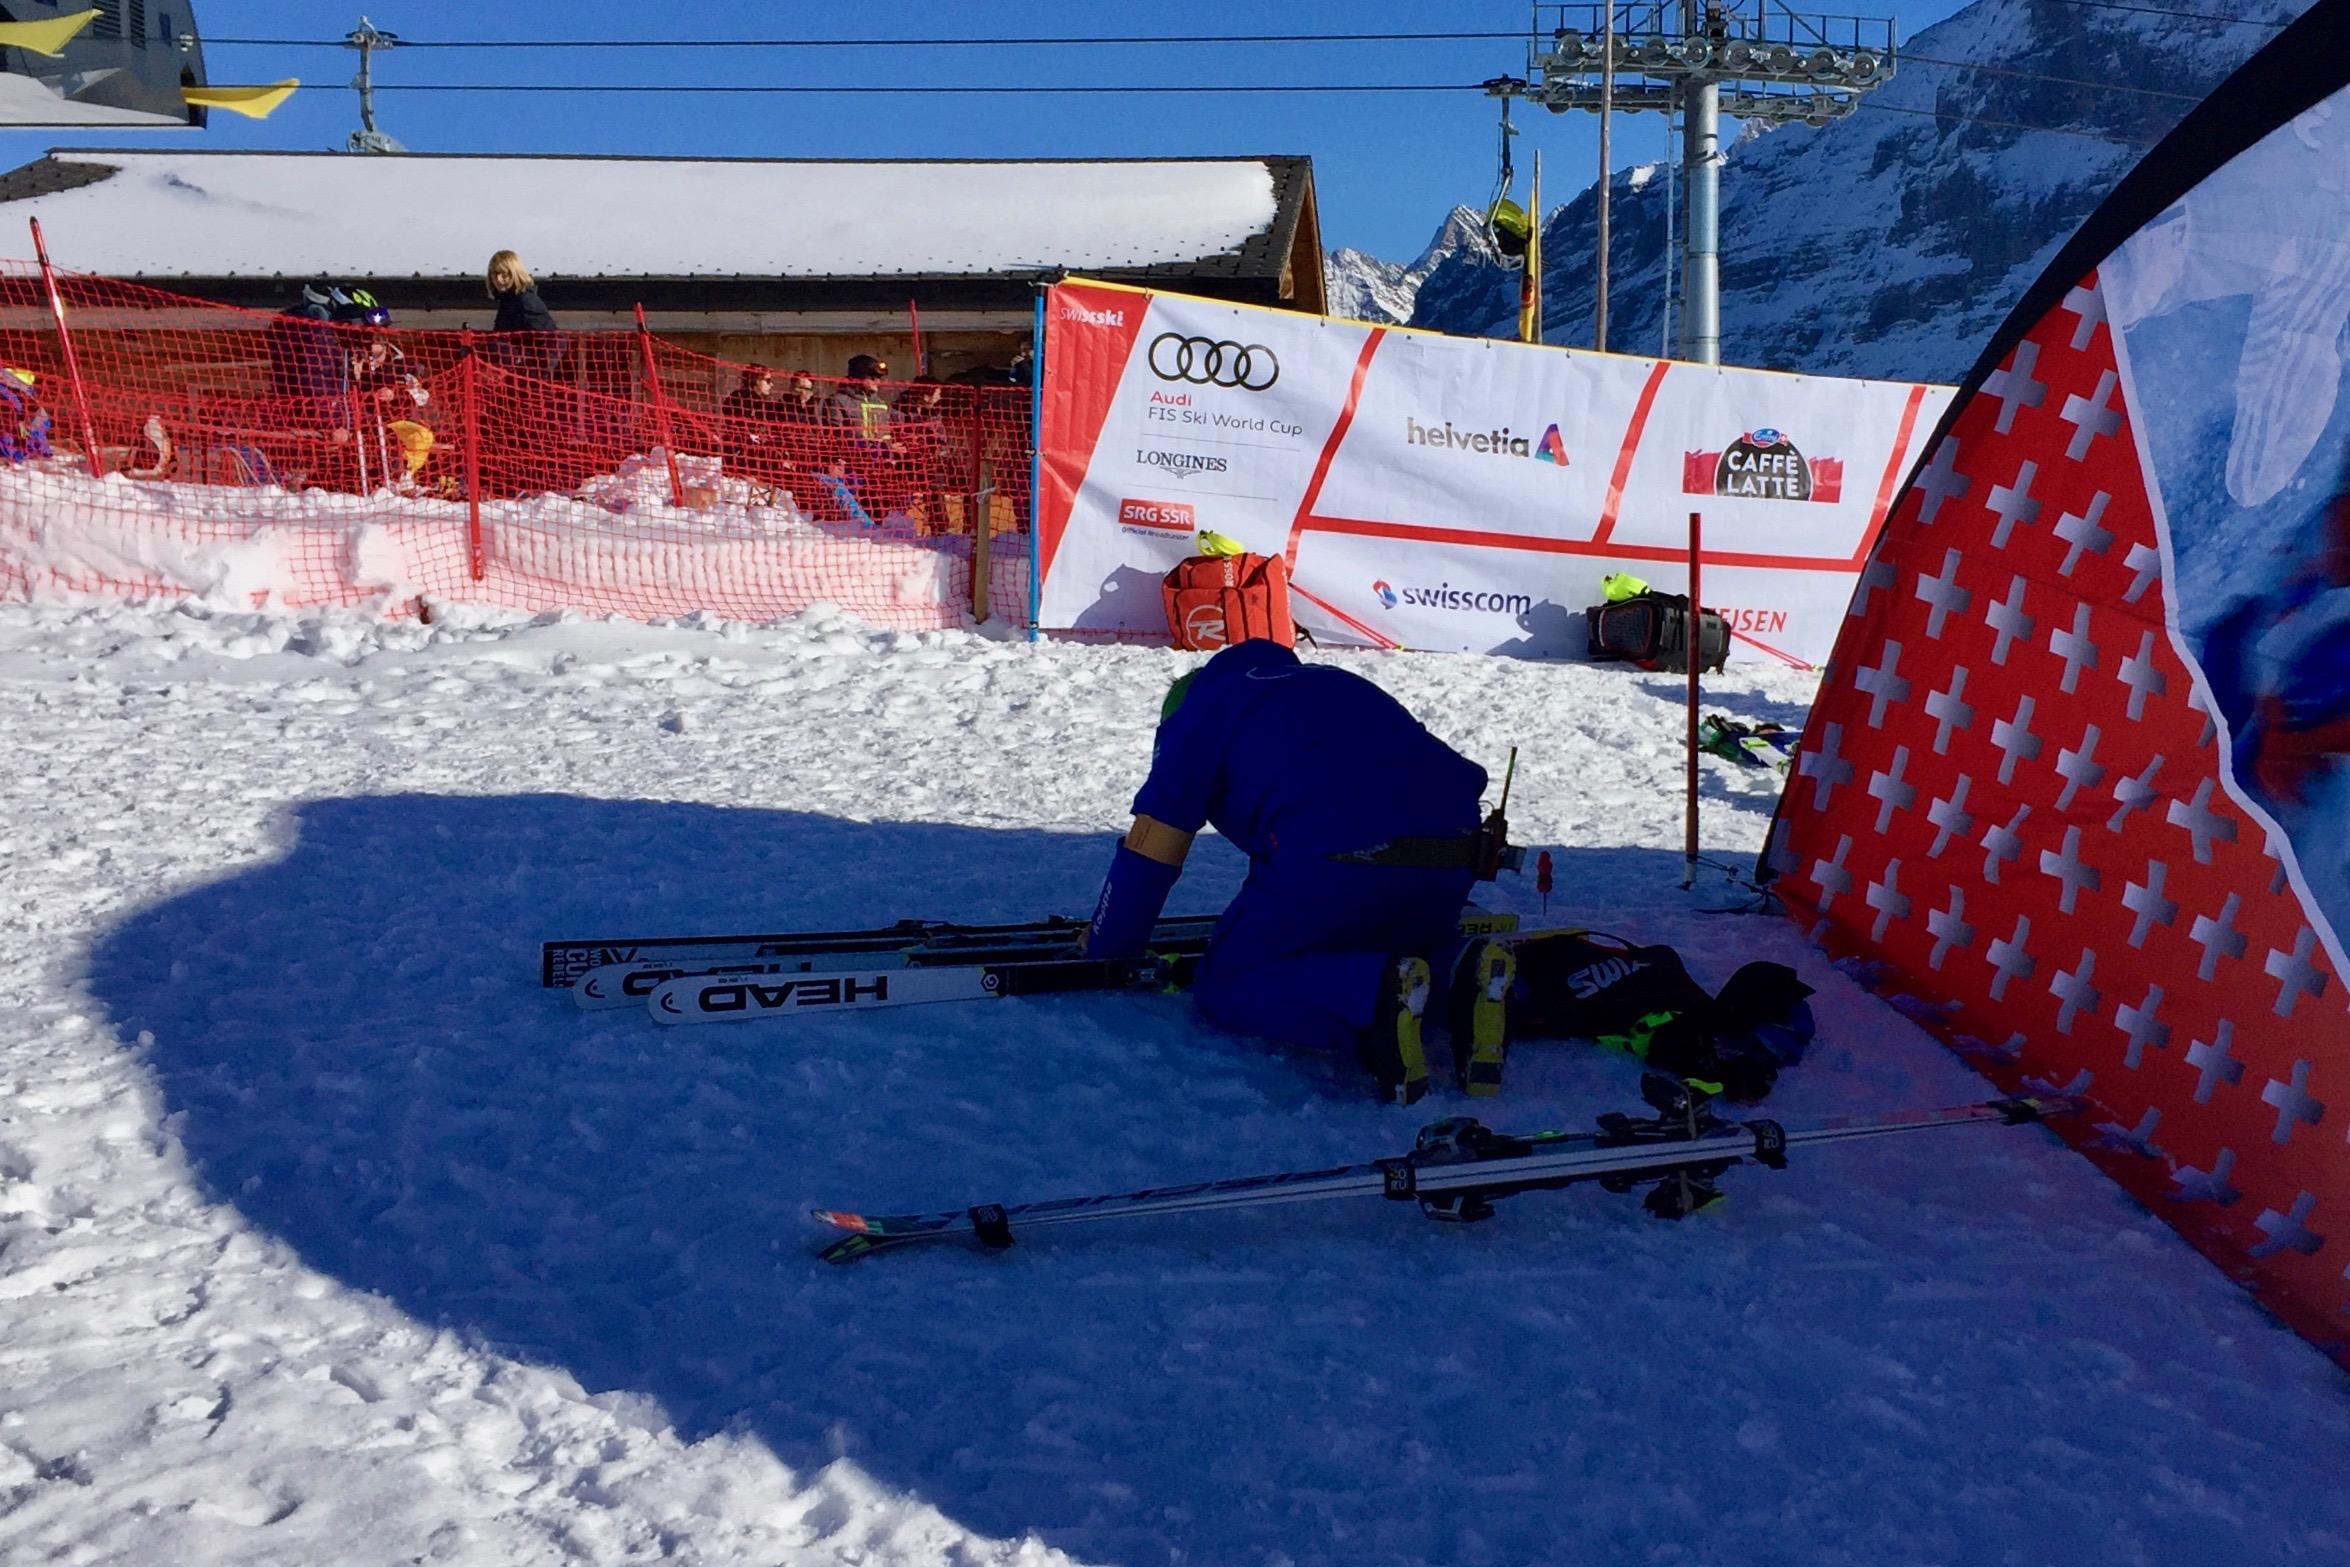 Les techniciens cherchent les moindres recoins à l'ombre pour assurer une préparation optimale aux skis.